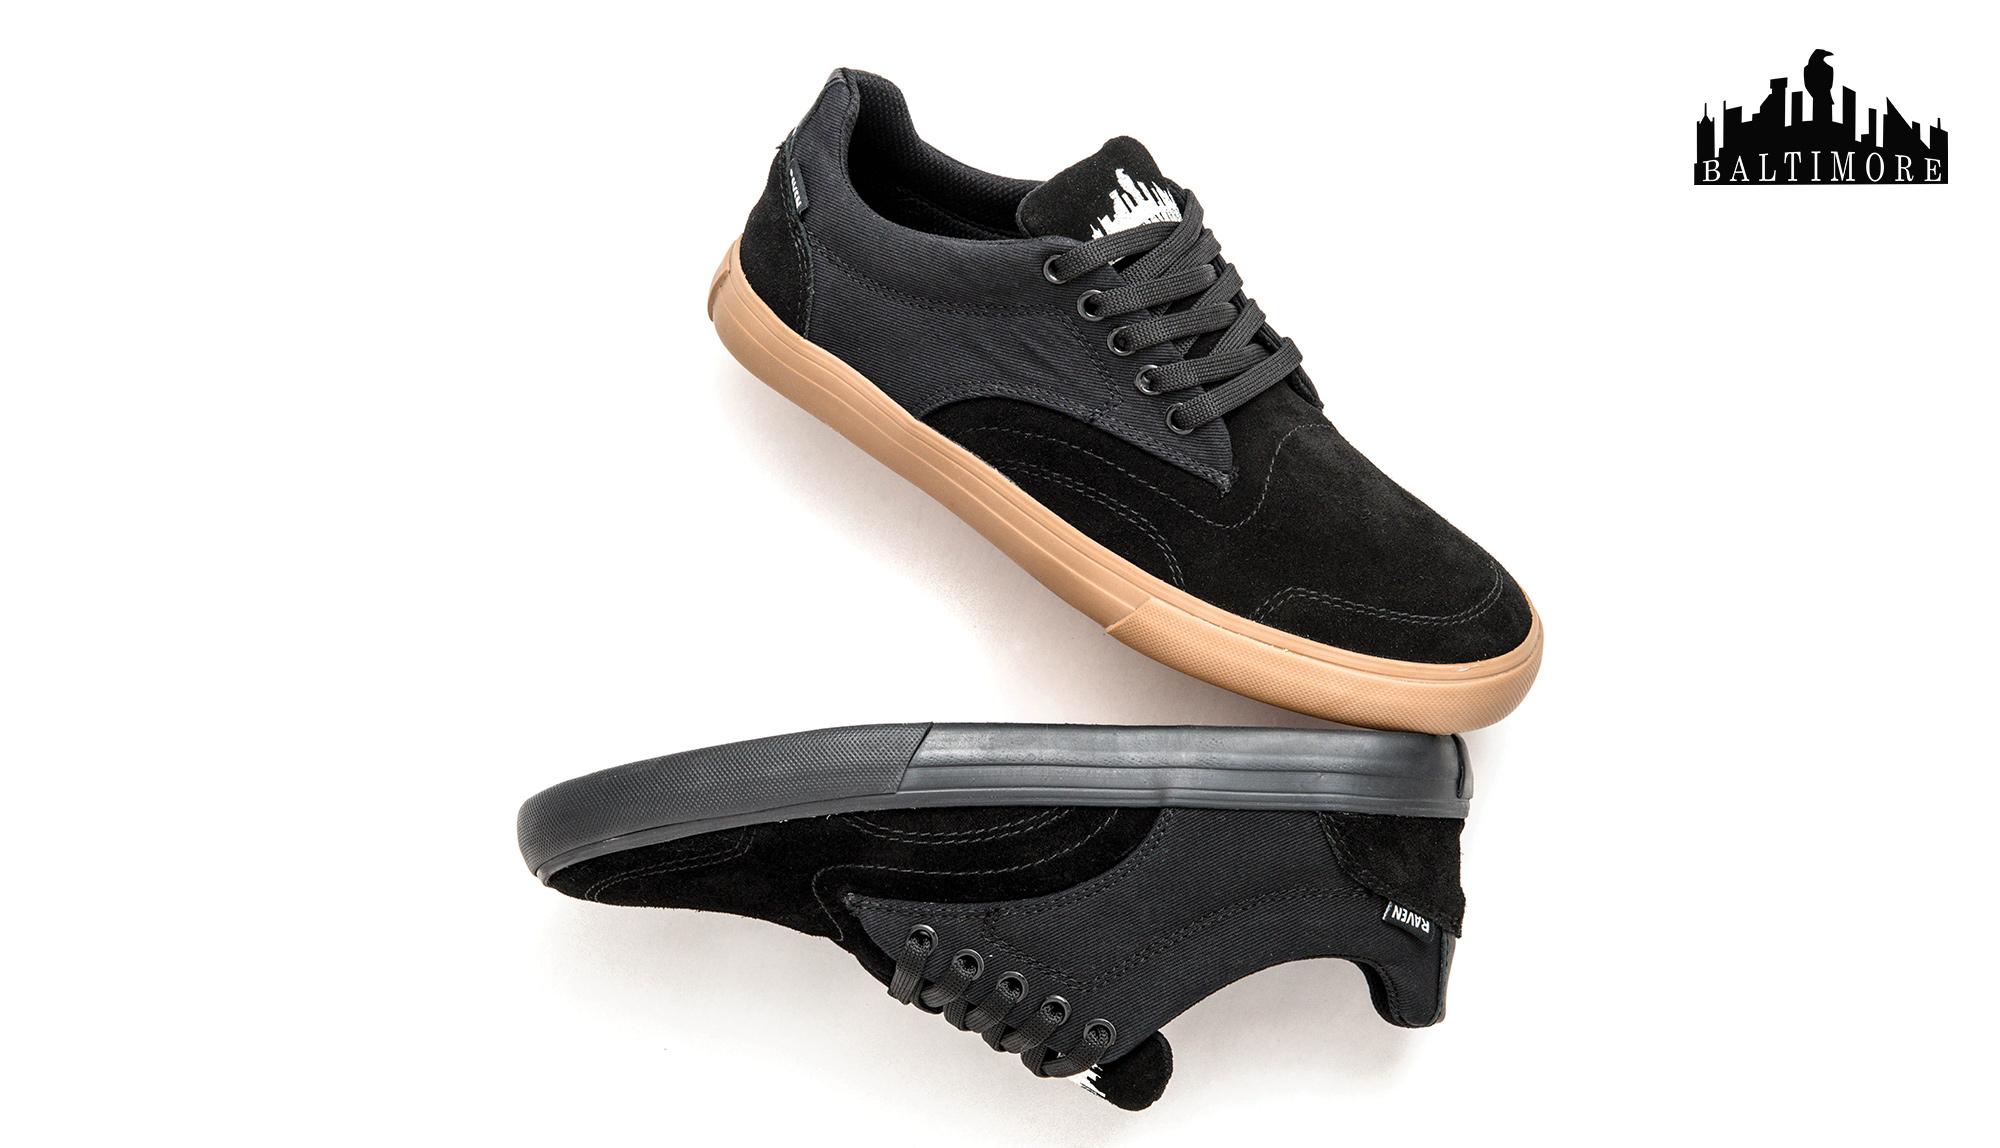 Raven Footwear - Baltimore